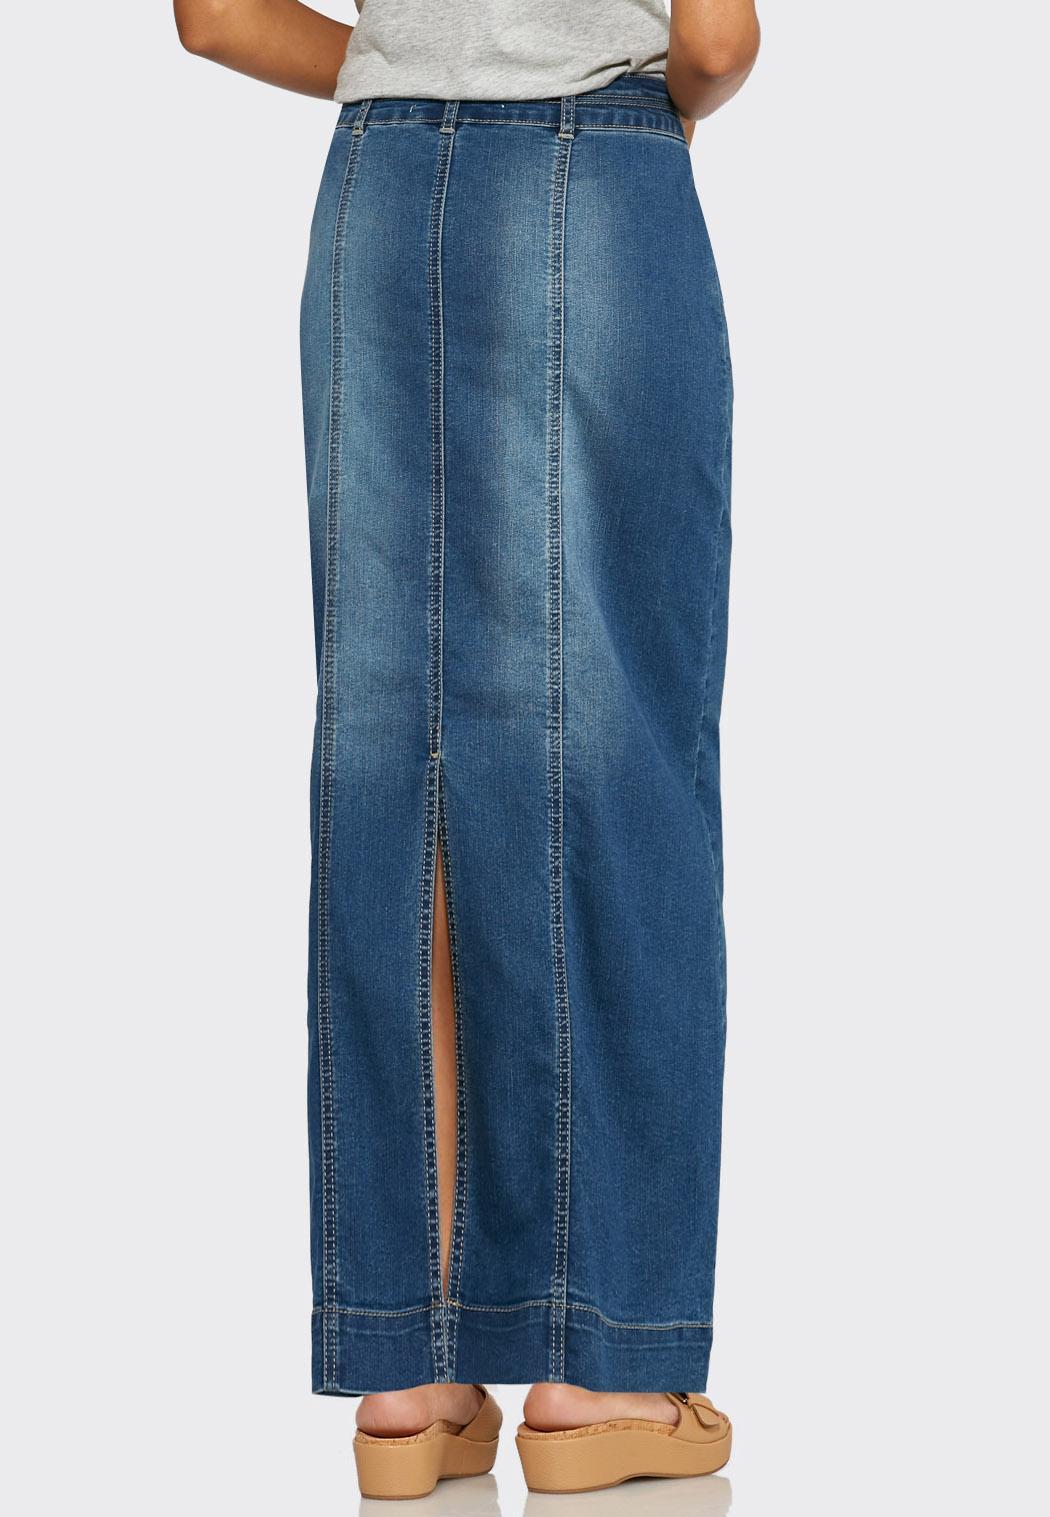 Seamed Denim Maxi Skirt Skirts Cato Fashions